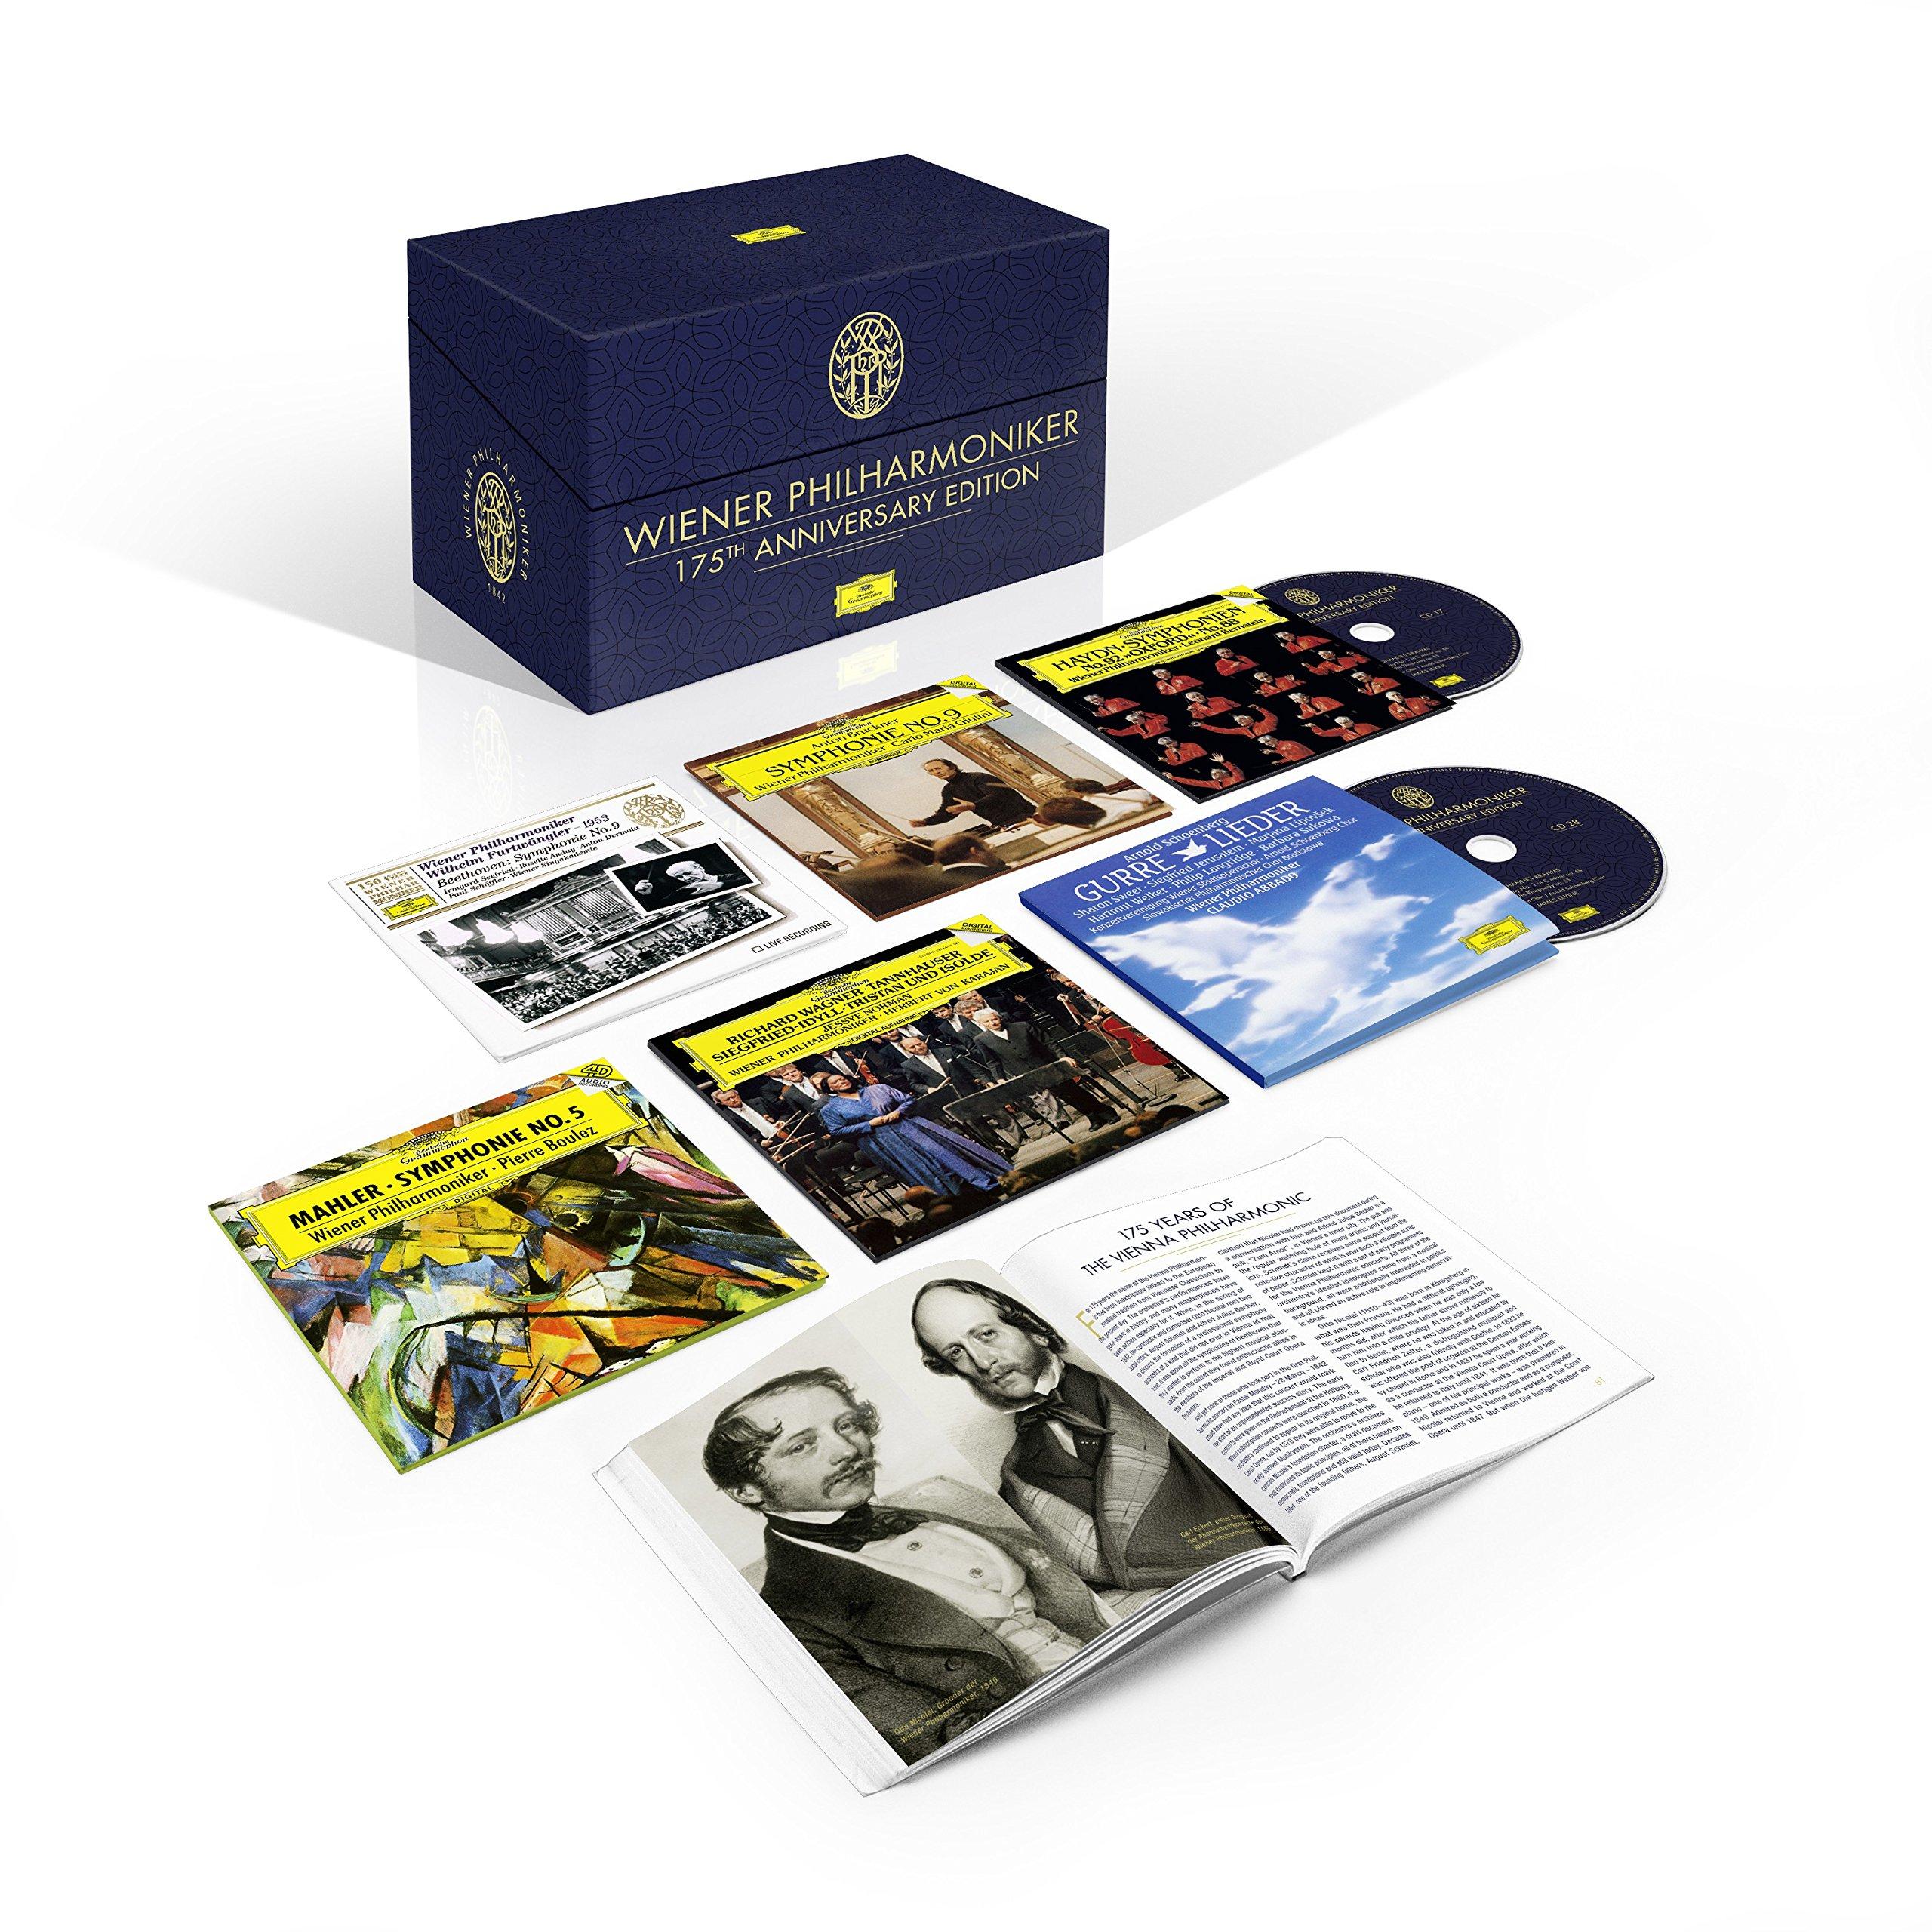 Wiener Philharmoniker 175th Anniversary Edition [44 CD/DVD] by Deutsche Grammophon